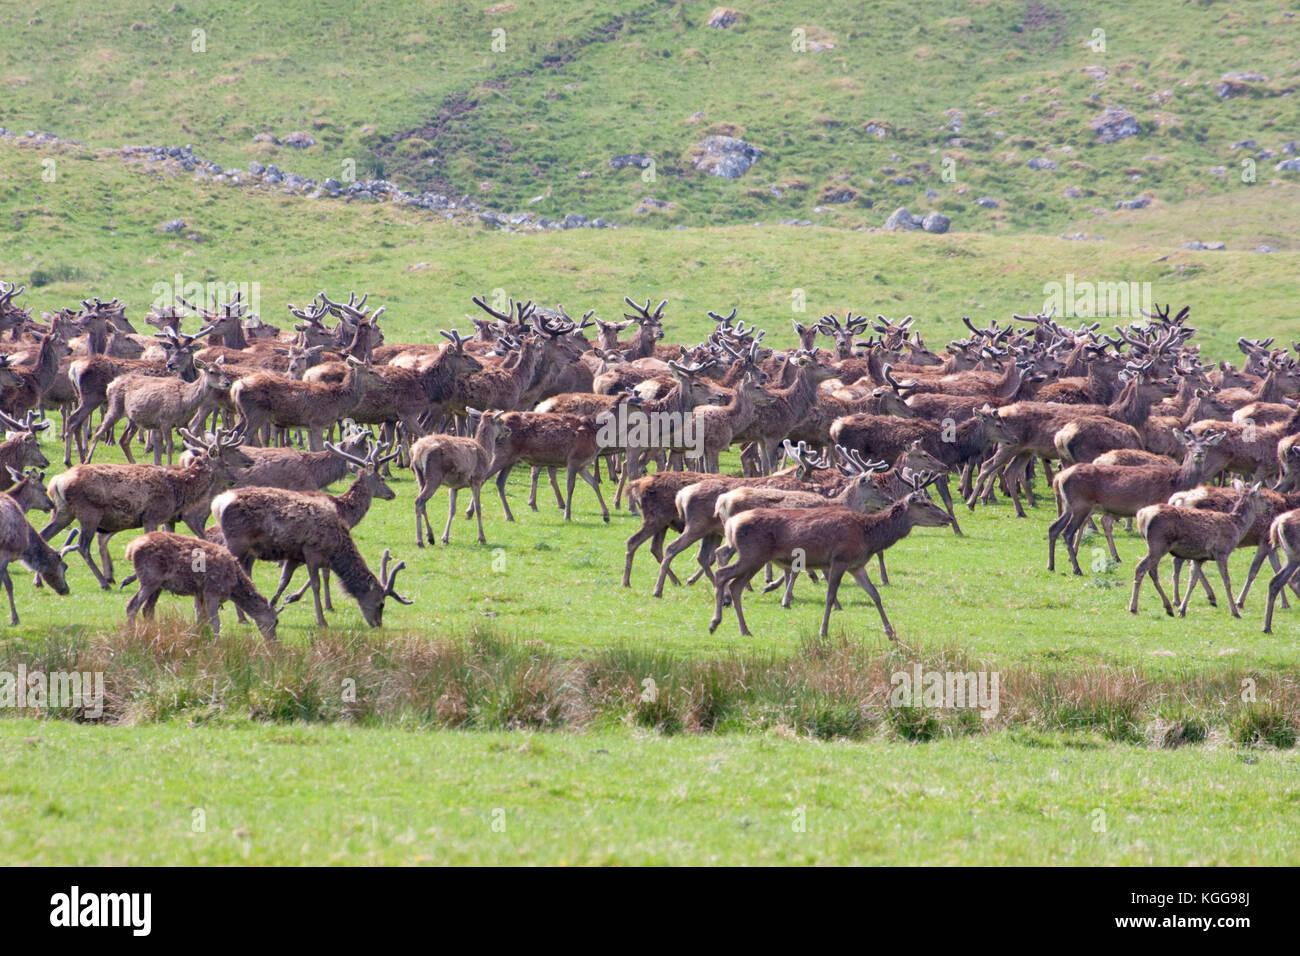 Red Deer,  Cervus elaphus,  Herd of males and female on grassland. Findhorn Valley, Scotland, UK. - Stock Image